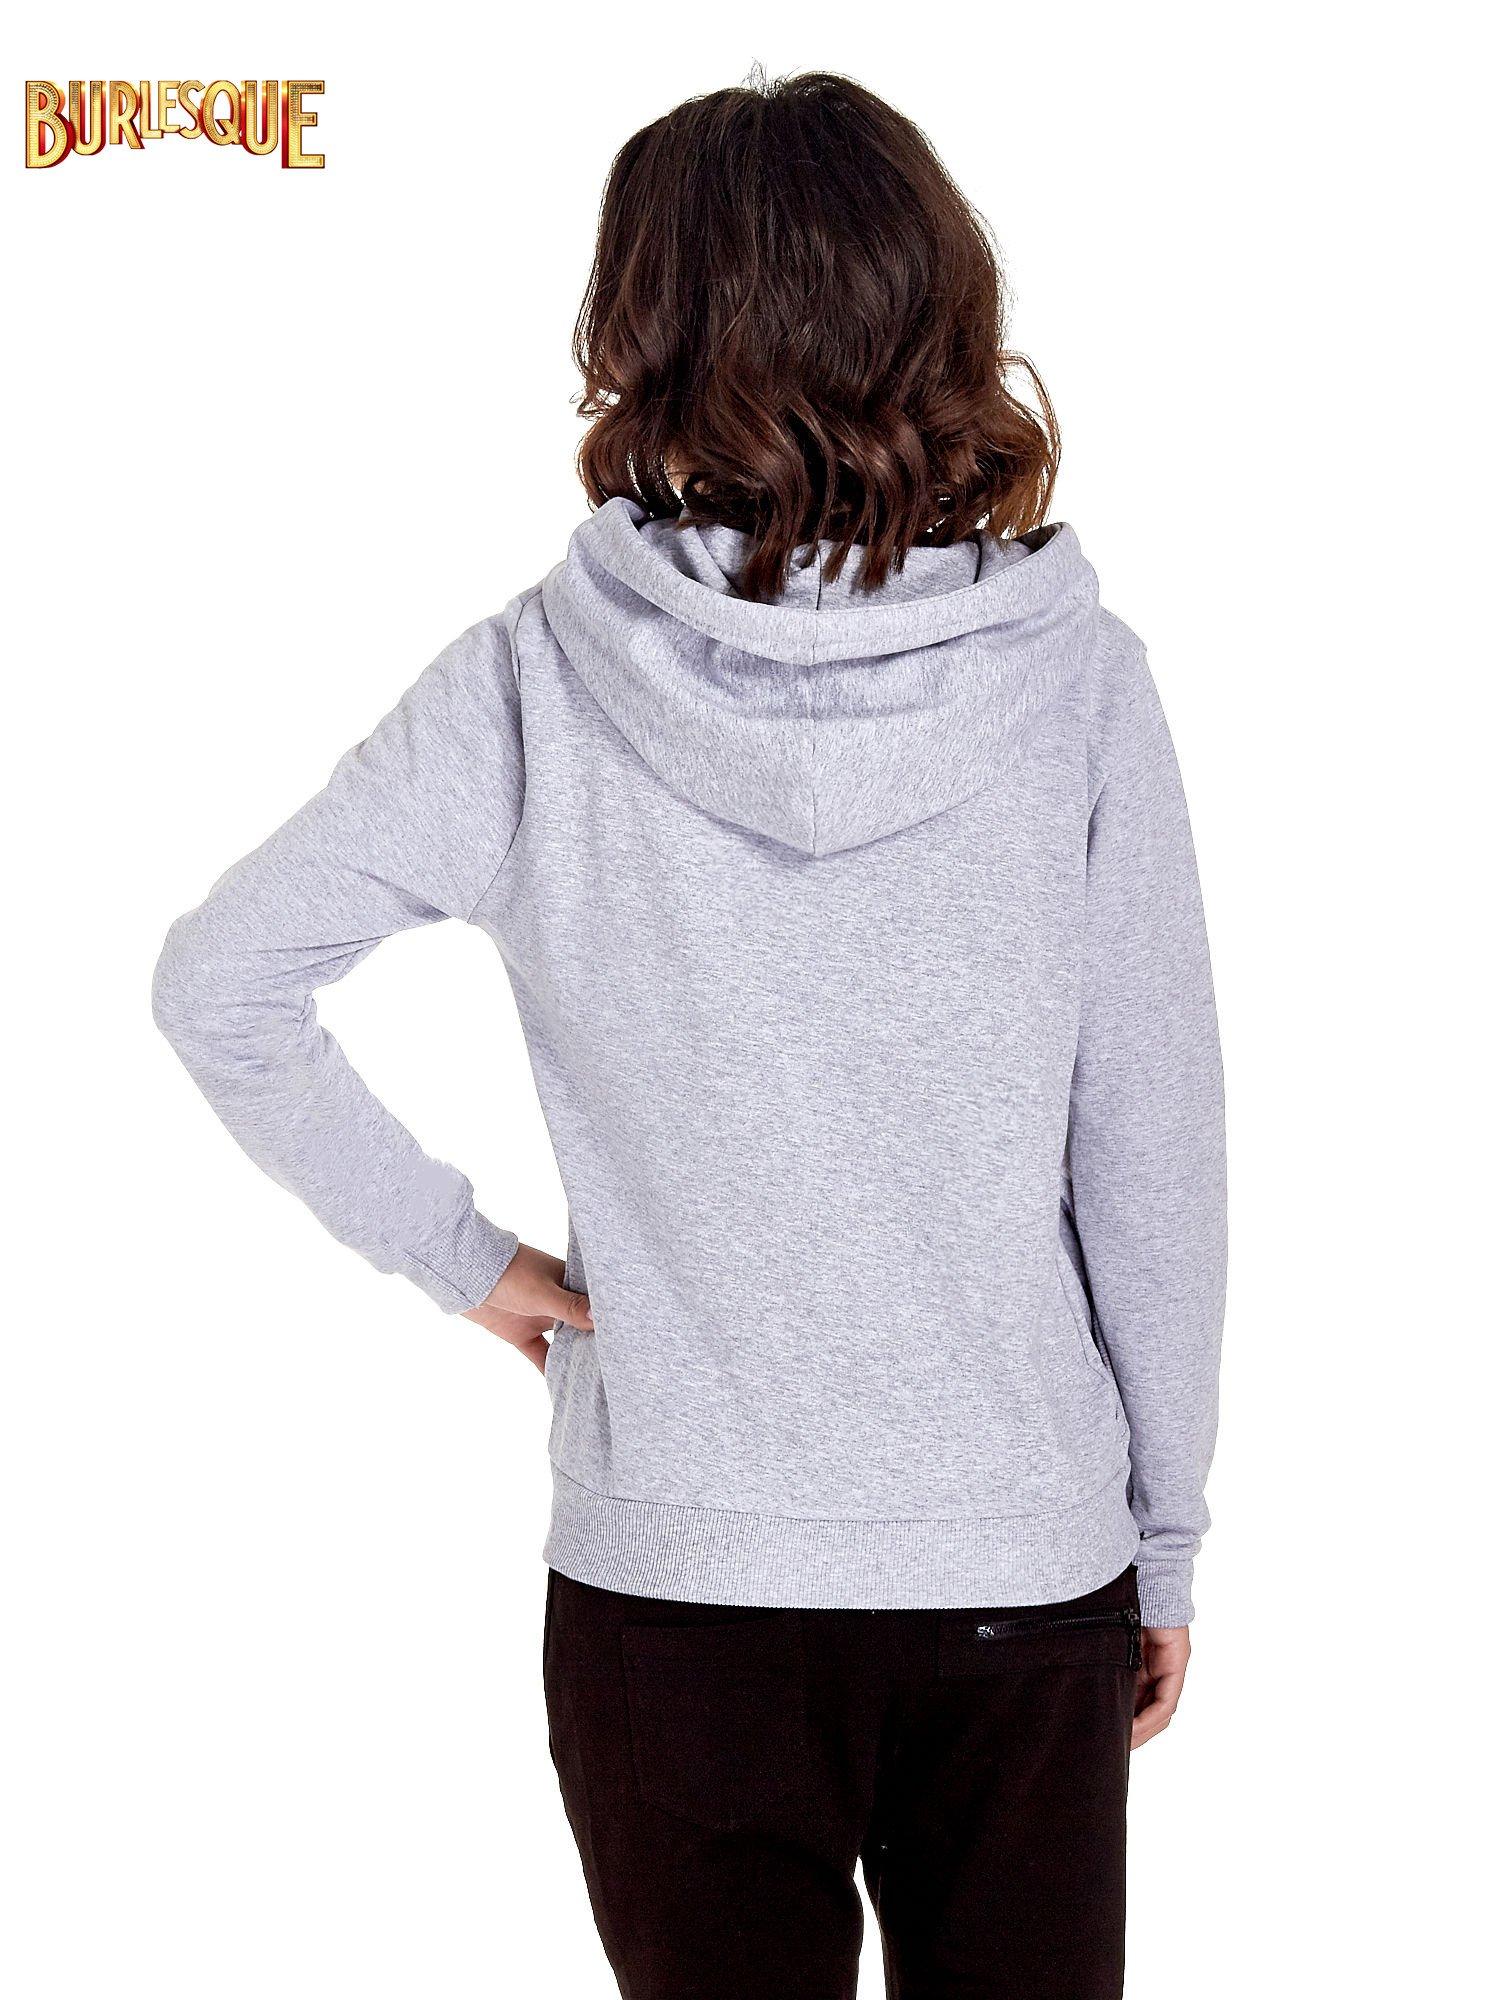 Szara zasuwana bluza z kapturem z nadrukiem numerycznym                                  zdj.                                  4